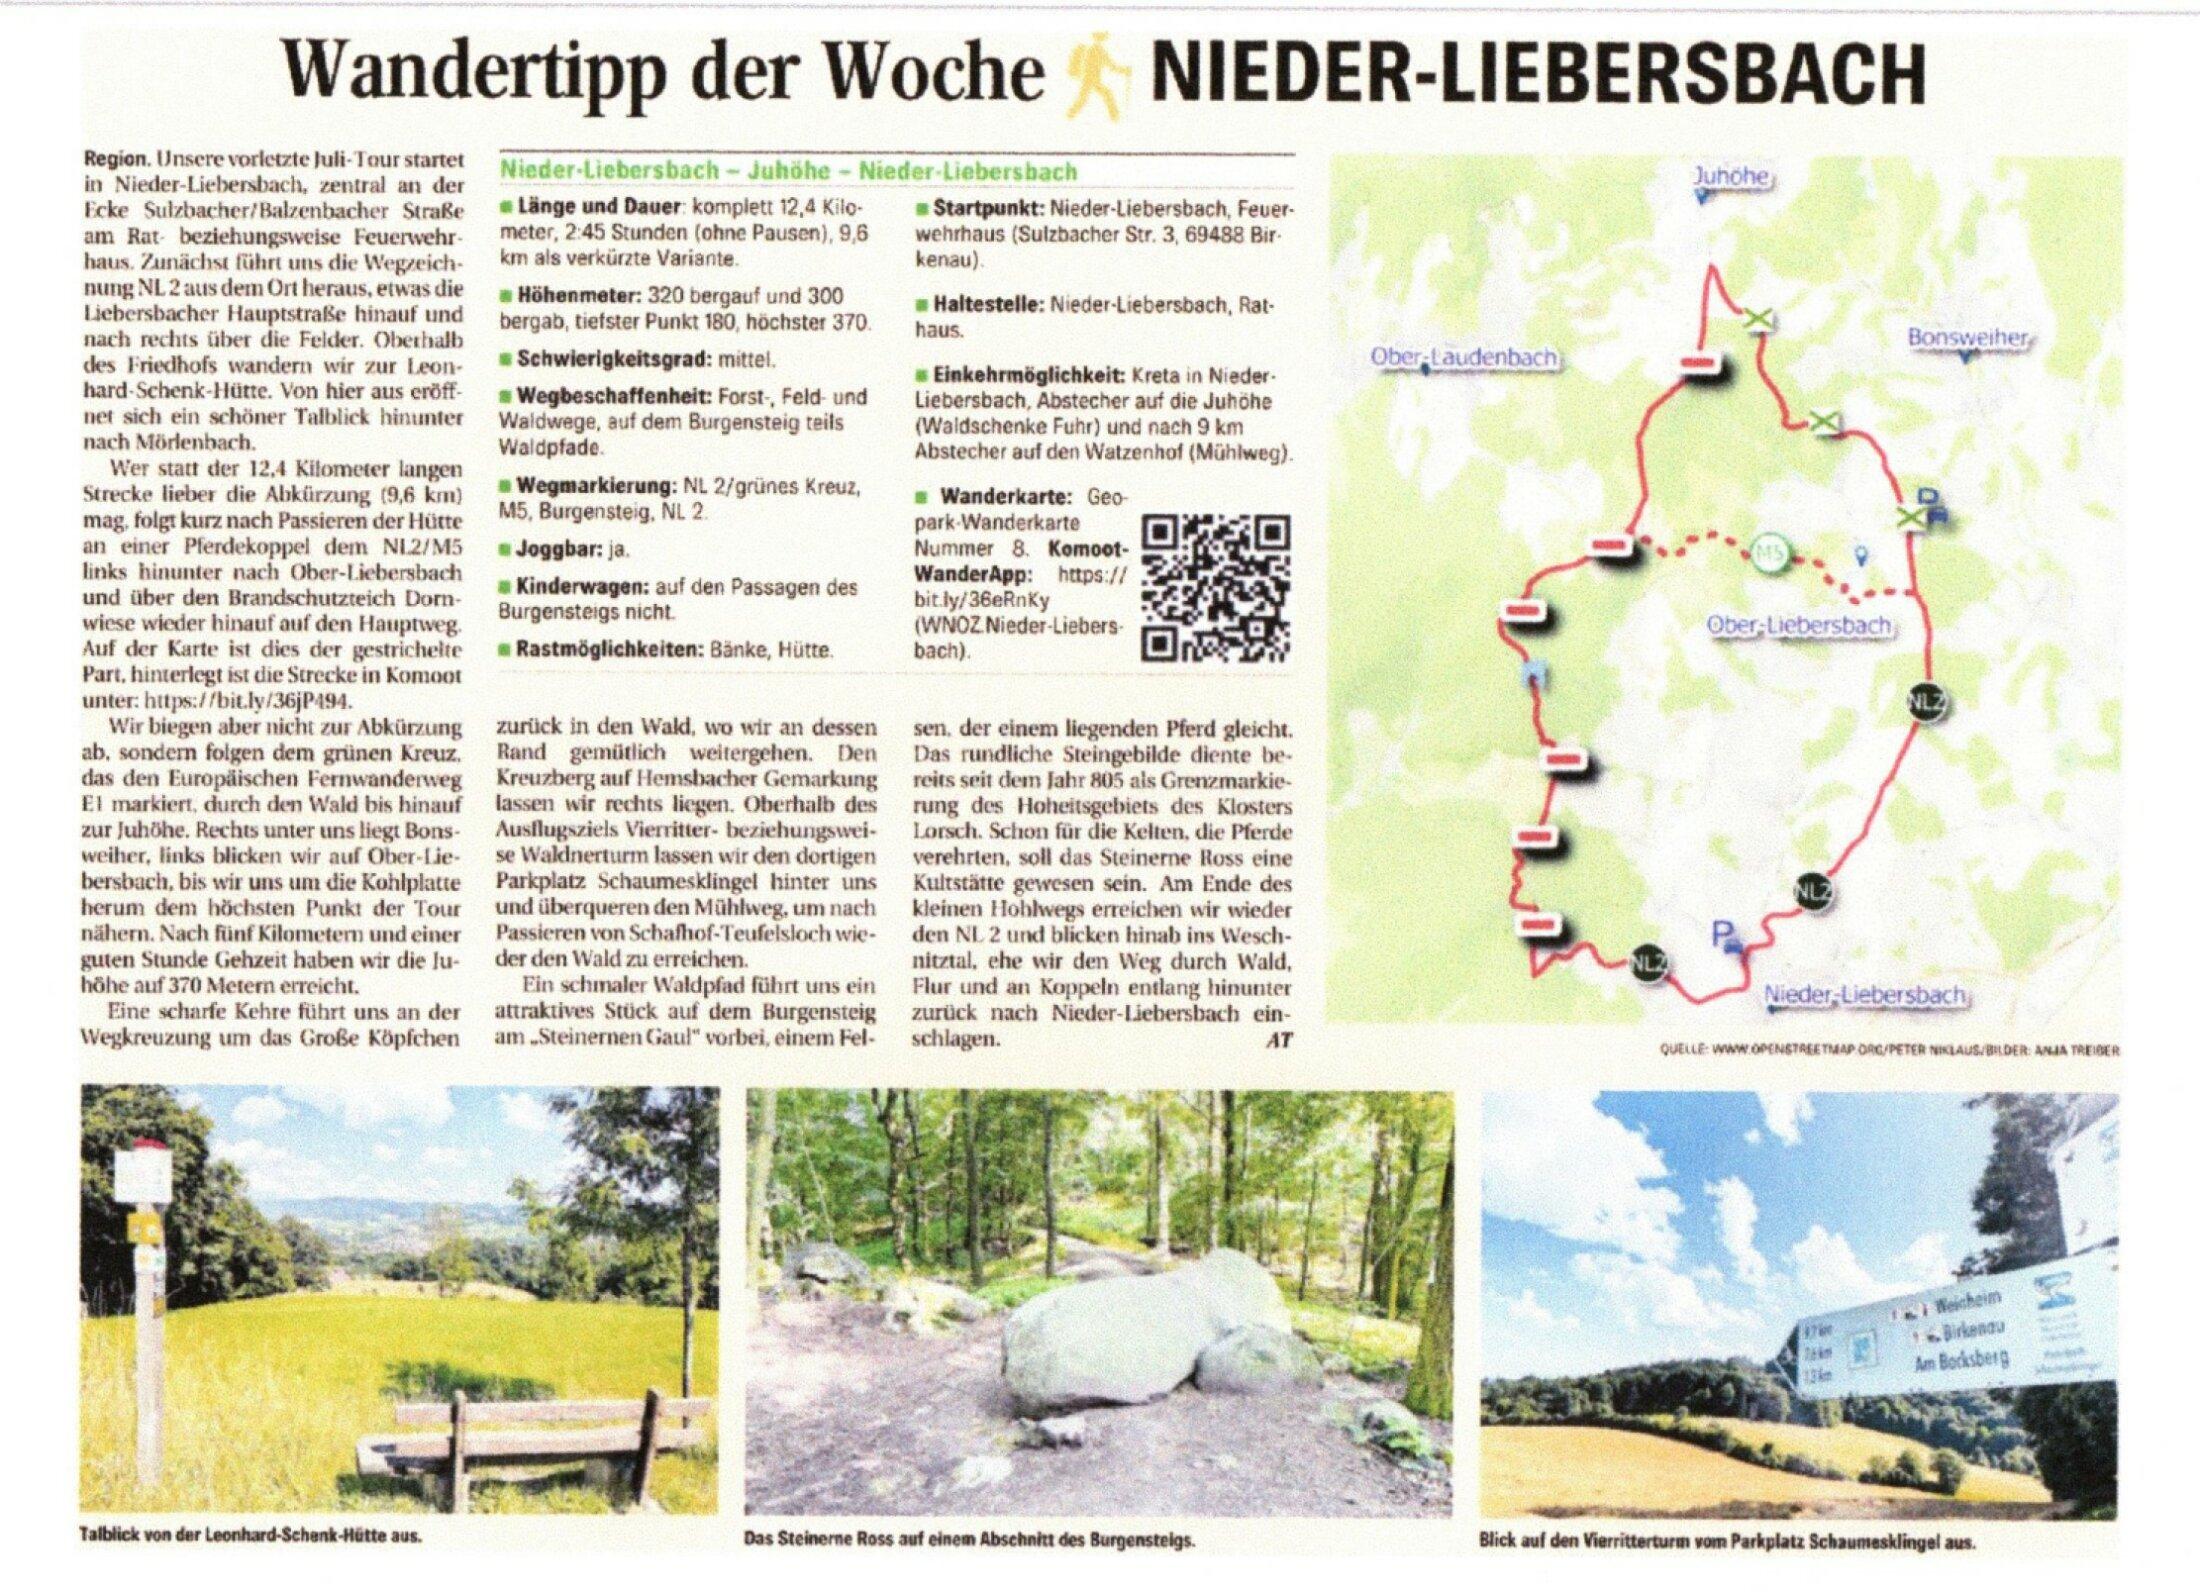 Wandertipp Nieder-Liebersbach 20.07.2021R